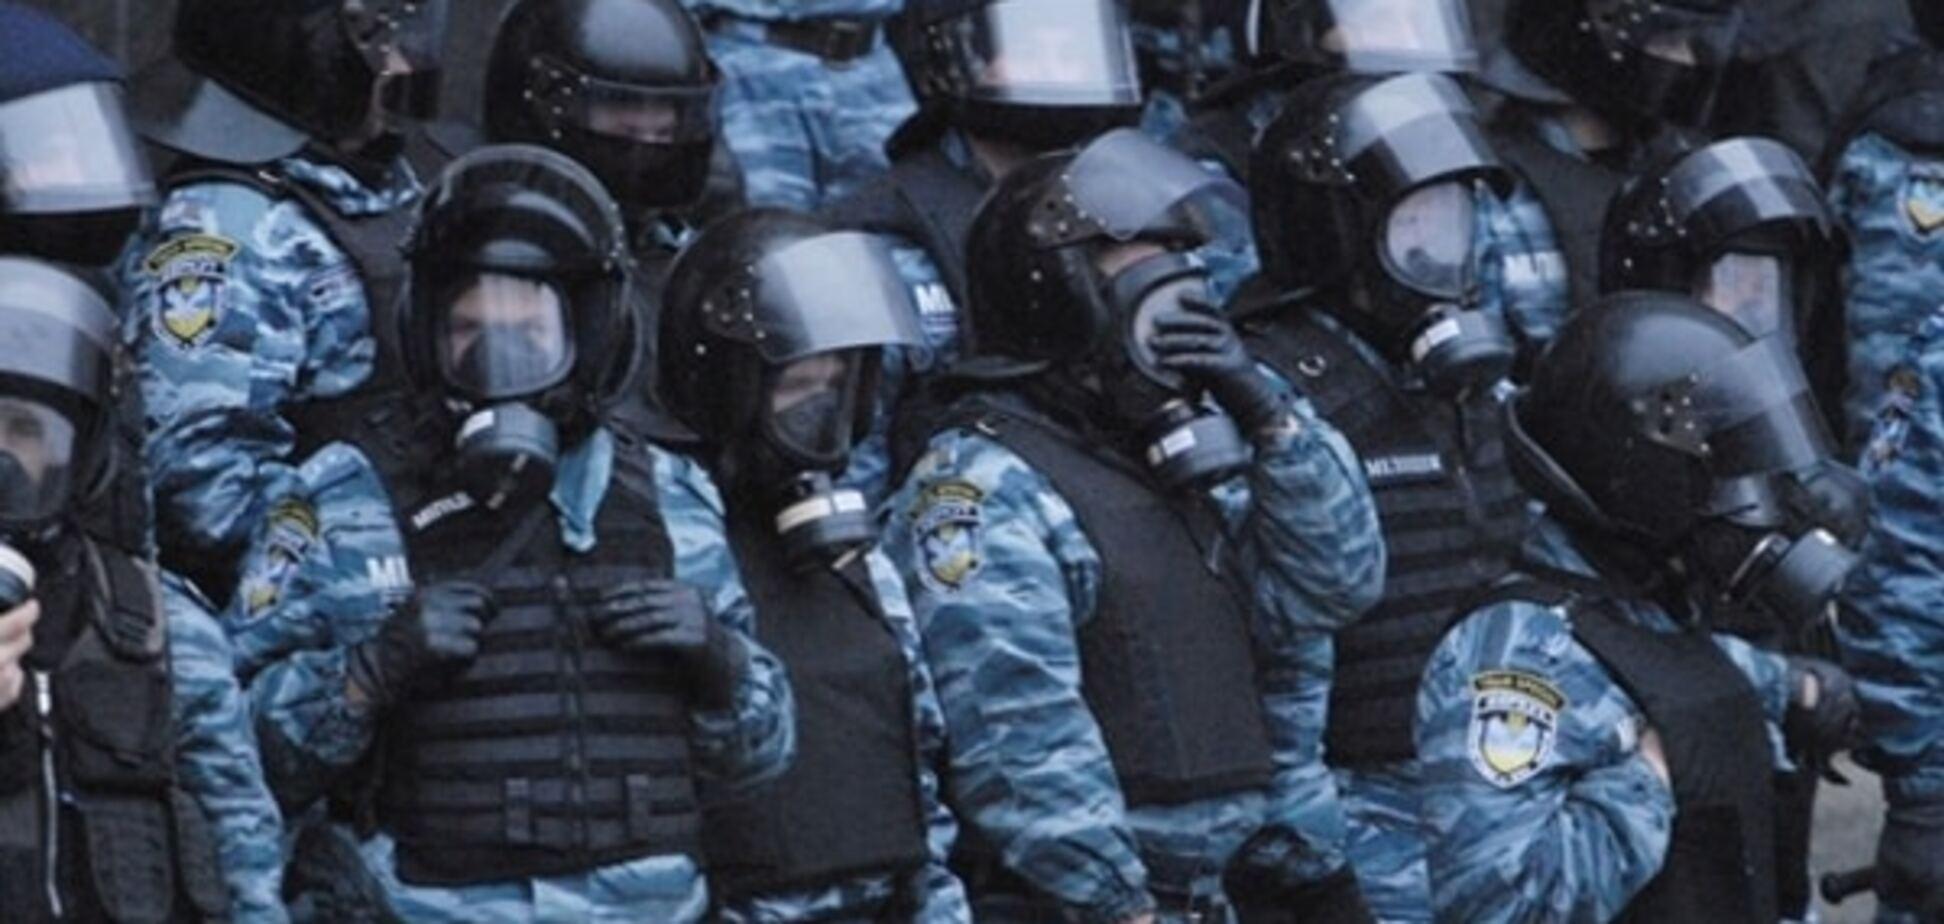 Розстрілювали, як тварин: на Майдані 'Беркут' і ВВ постачали мисливськими патронами